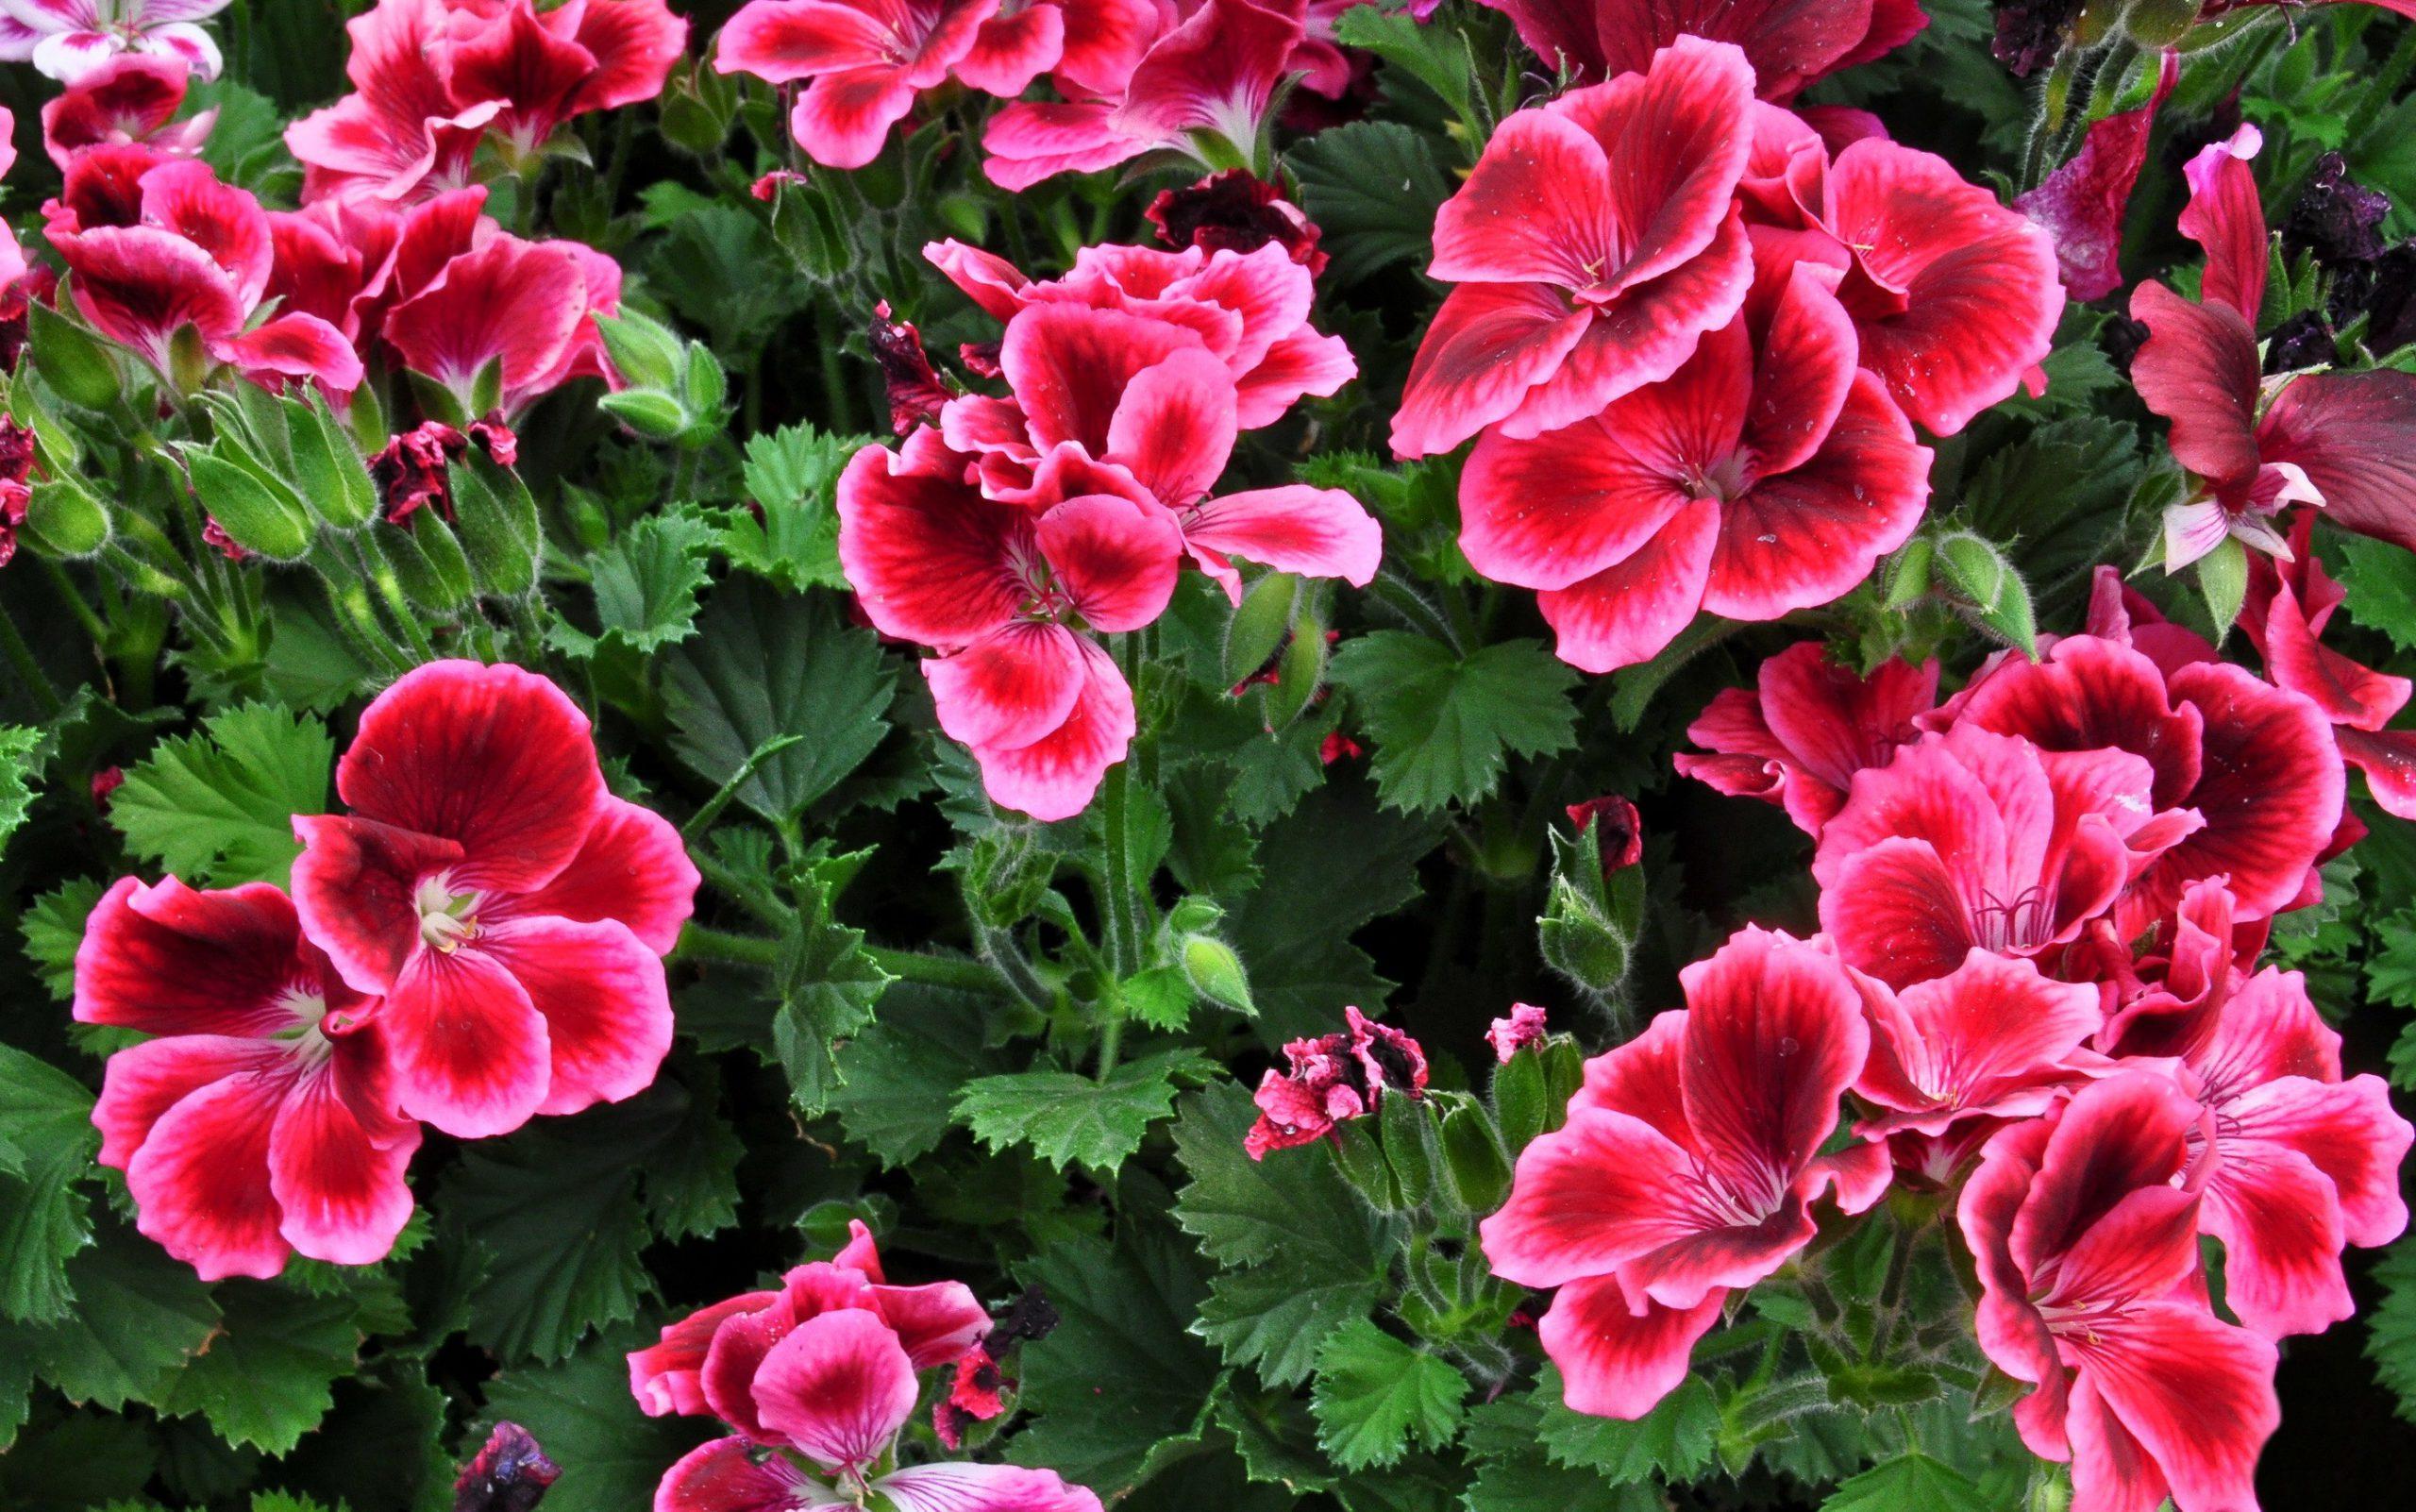 Geranium-flower